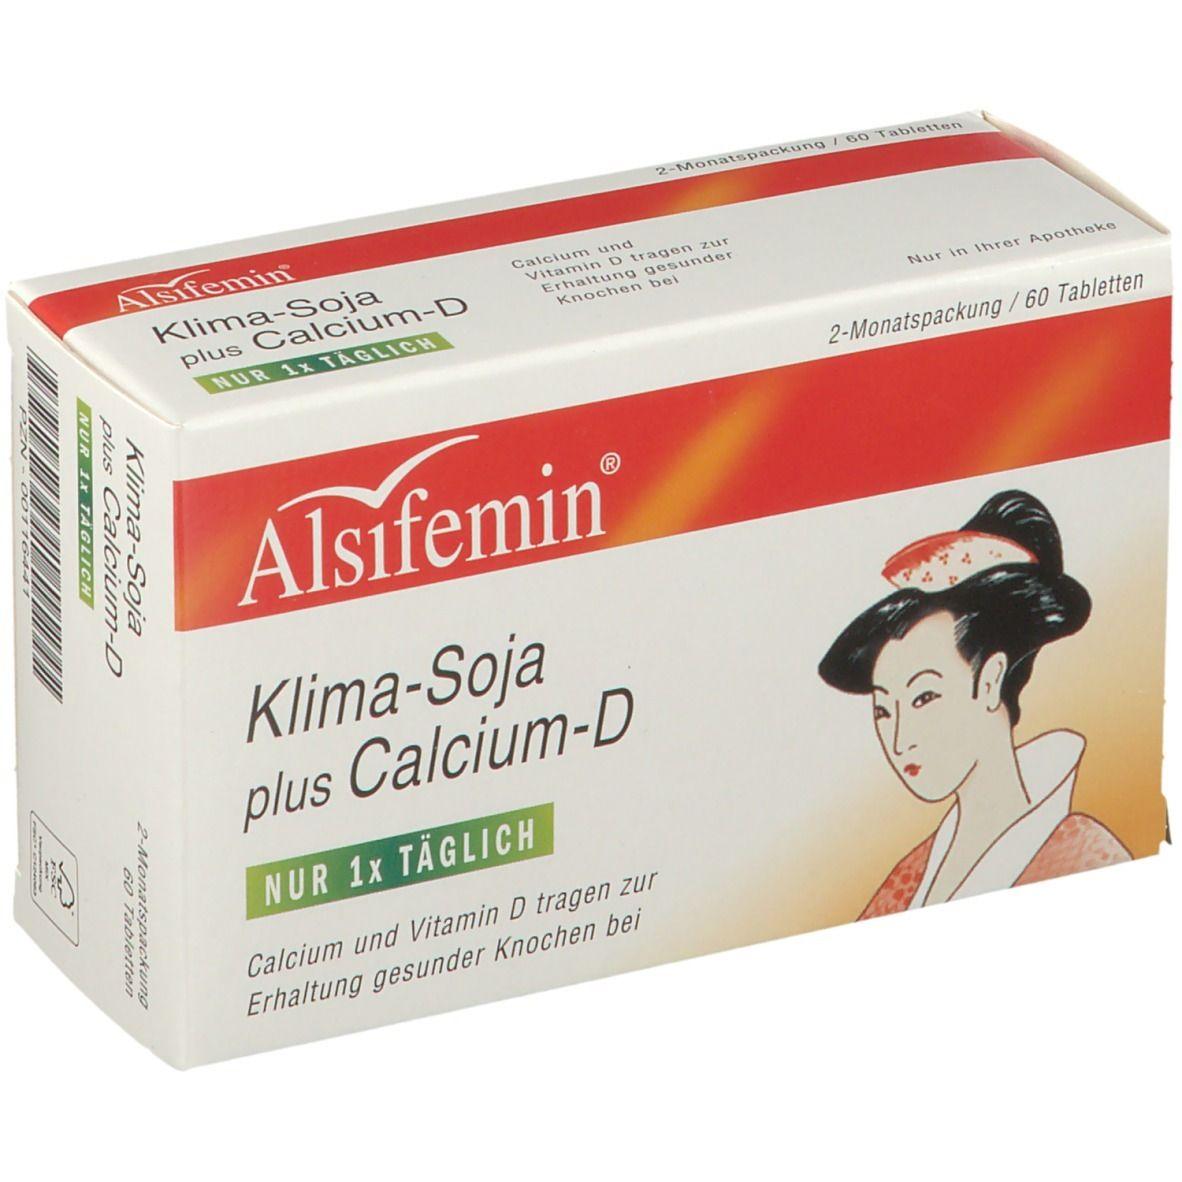 Image of Alsifemin® Klima-Soja plus Calcium D3